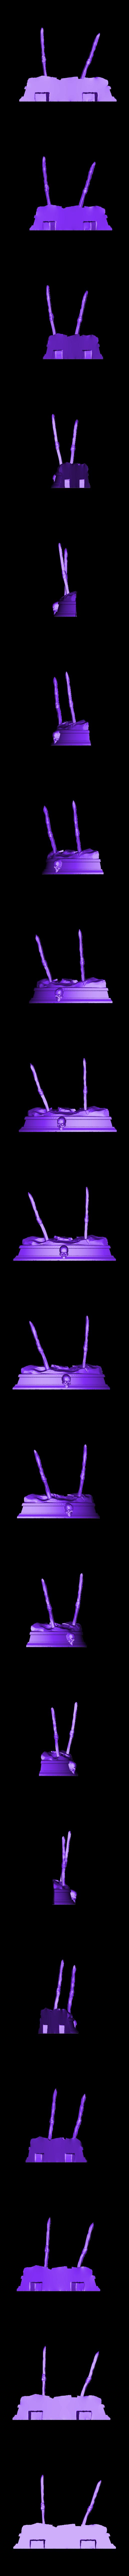 Base4.stl Télécharger fichier STL TUEUR À GAGES • Objet à imprimer en 3D, freeclimbingbo